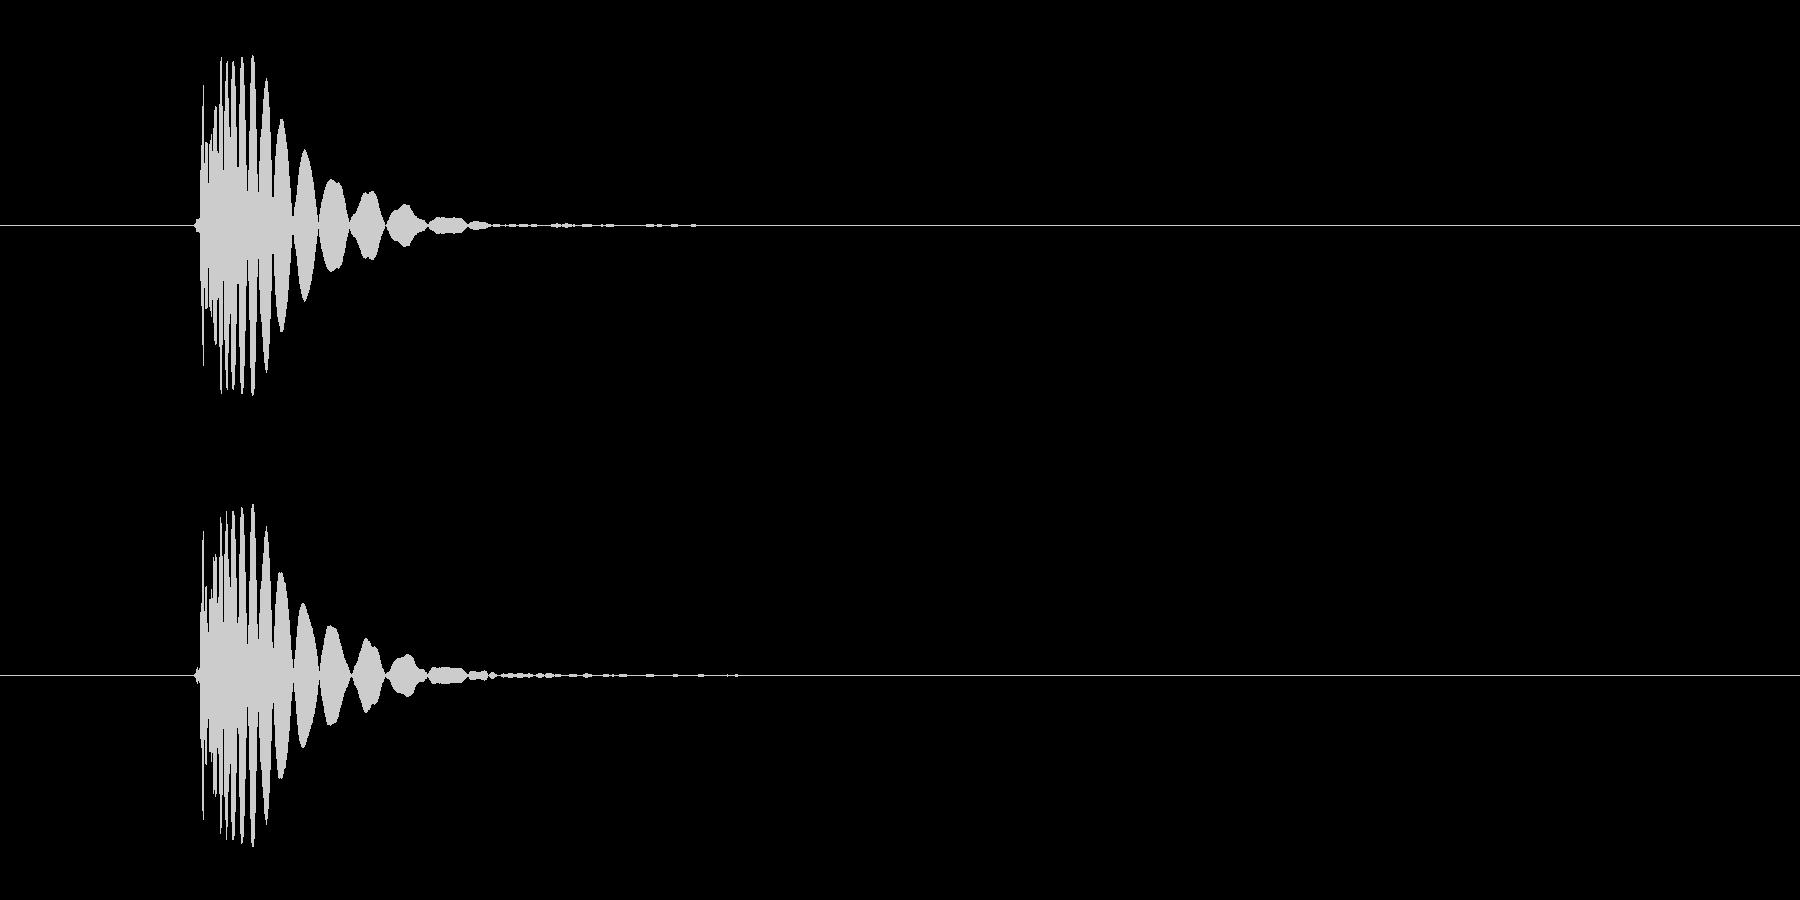 ヒット音(殴る 打撃のインパクト音)の未再生の波形